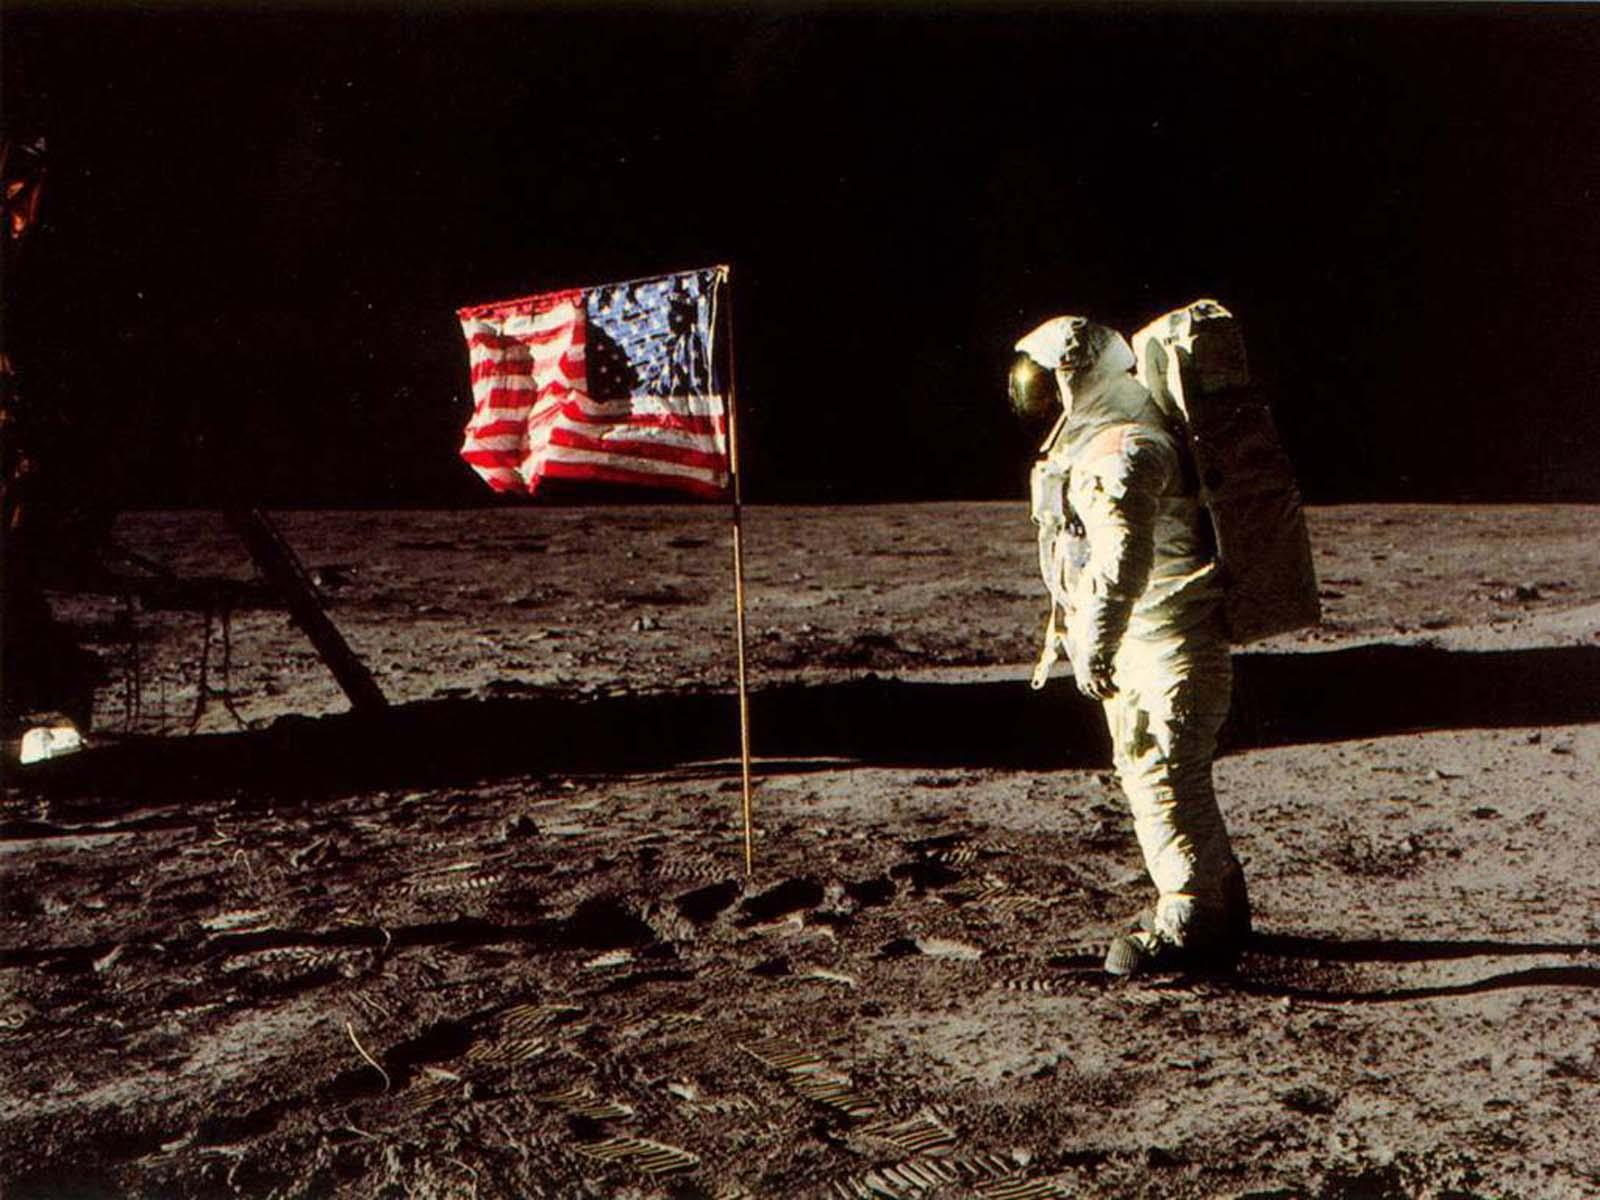 wallpapers: Moon Landing Wallpapers